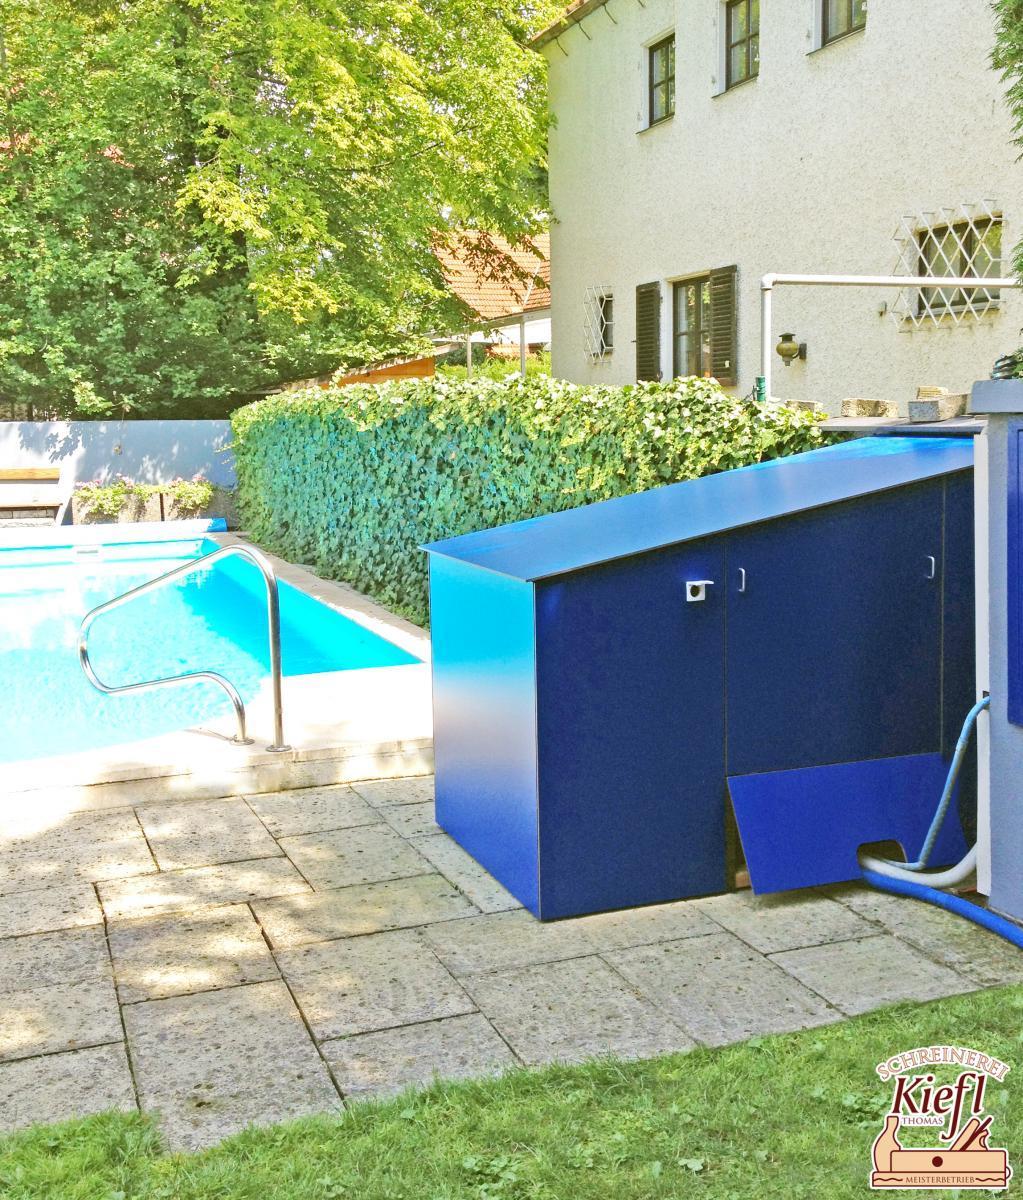 Verkleidung einer Schwimmbadpumpe